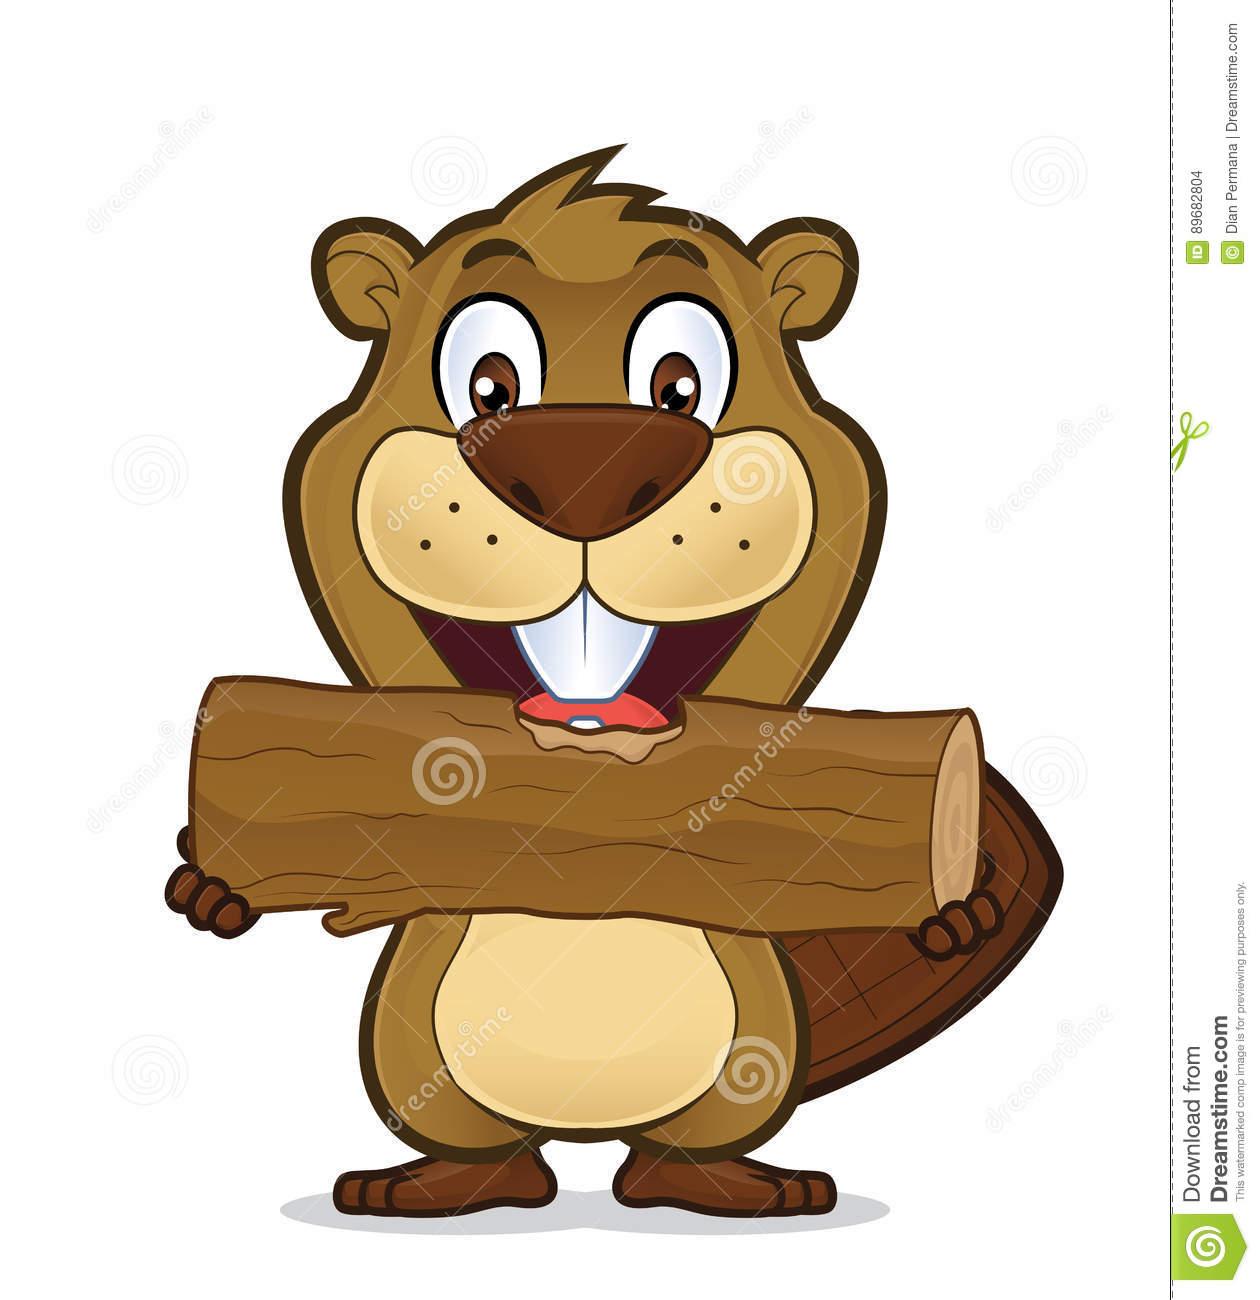 Beaver eating wood stock vector. Illustration of bear.